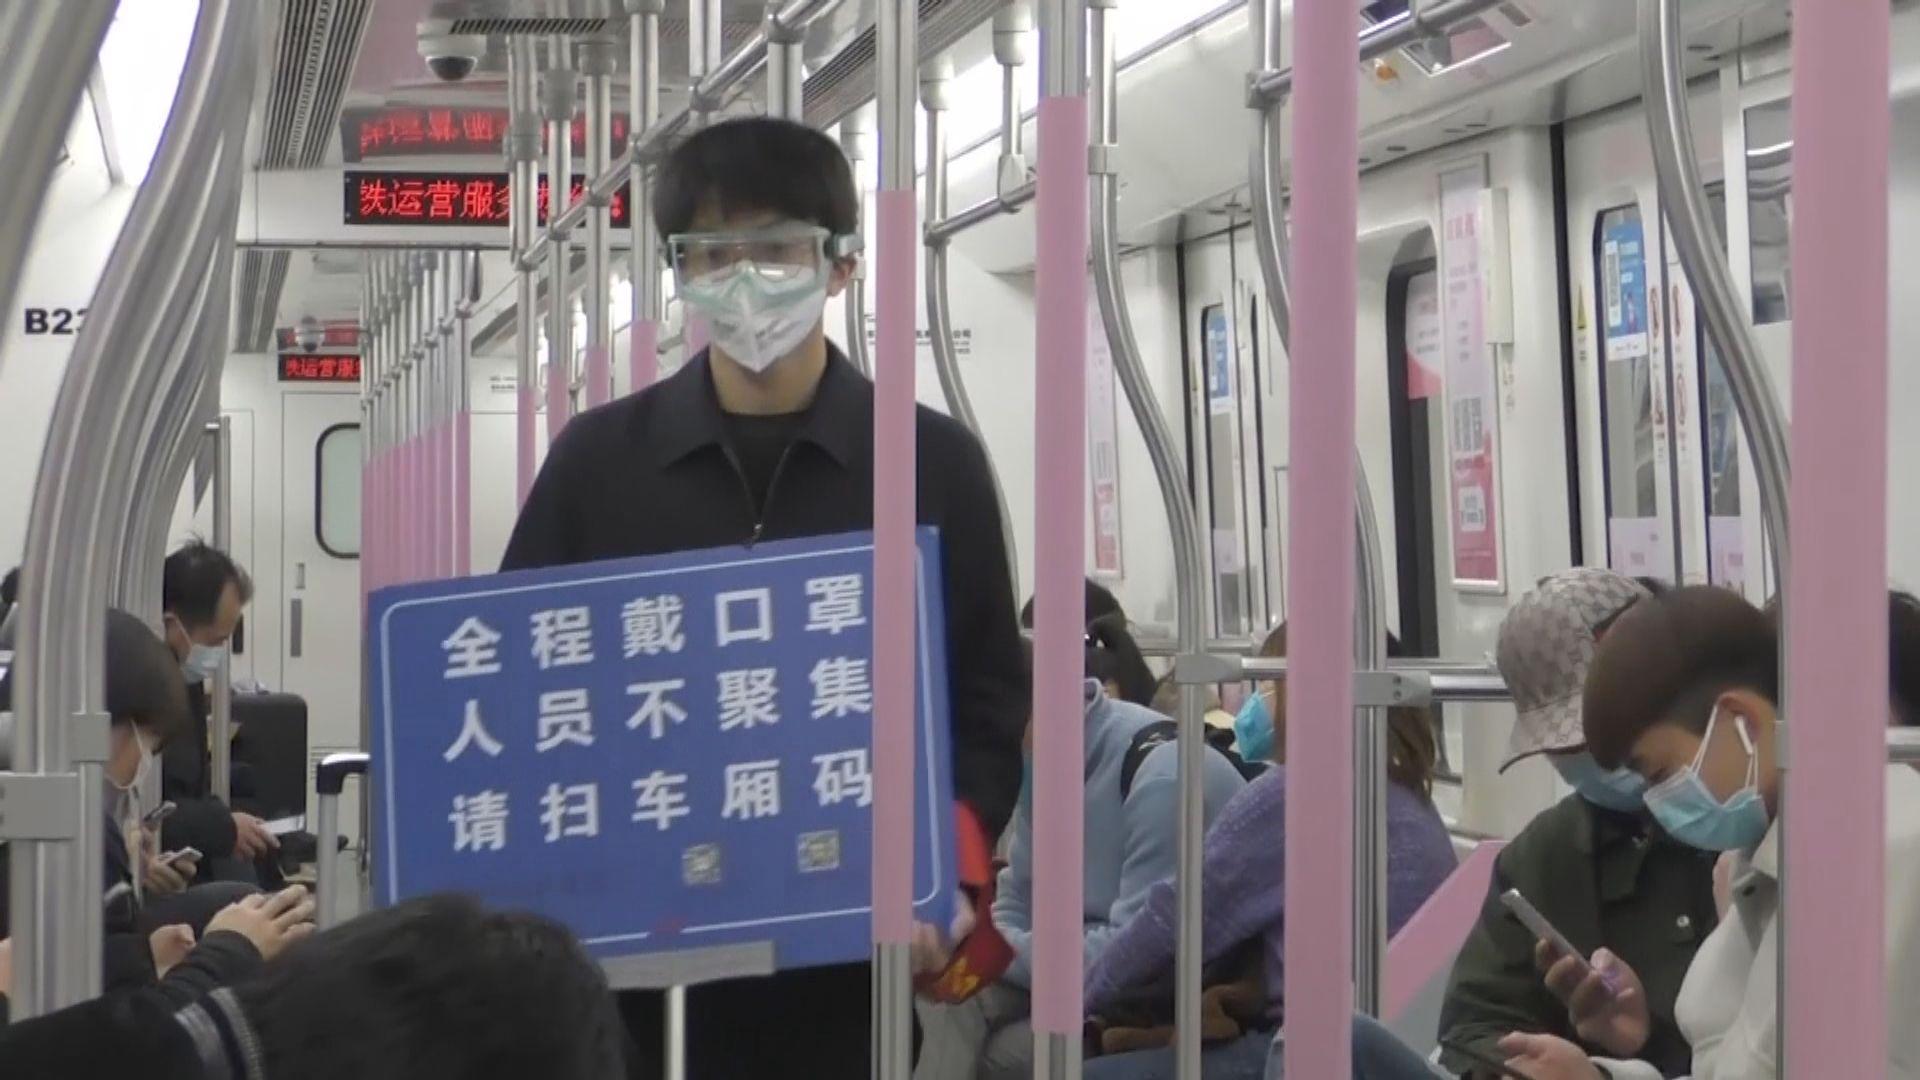 武漢下周三解封 當局要求各區續加強小區封閉管理